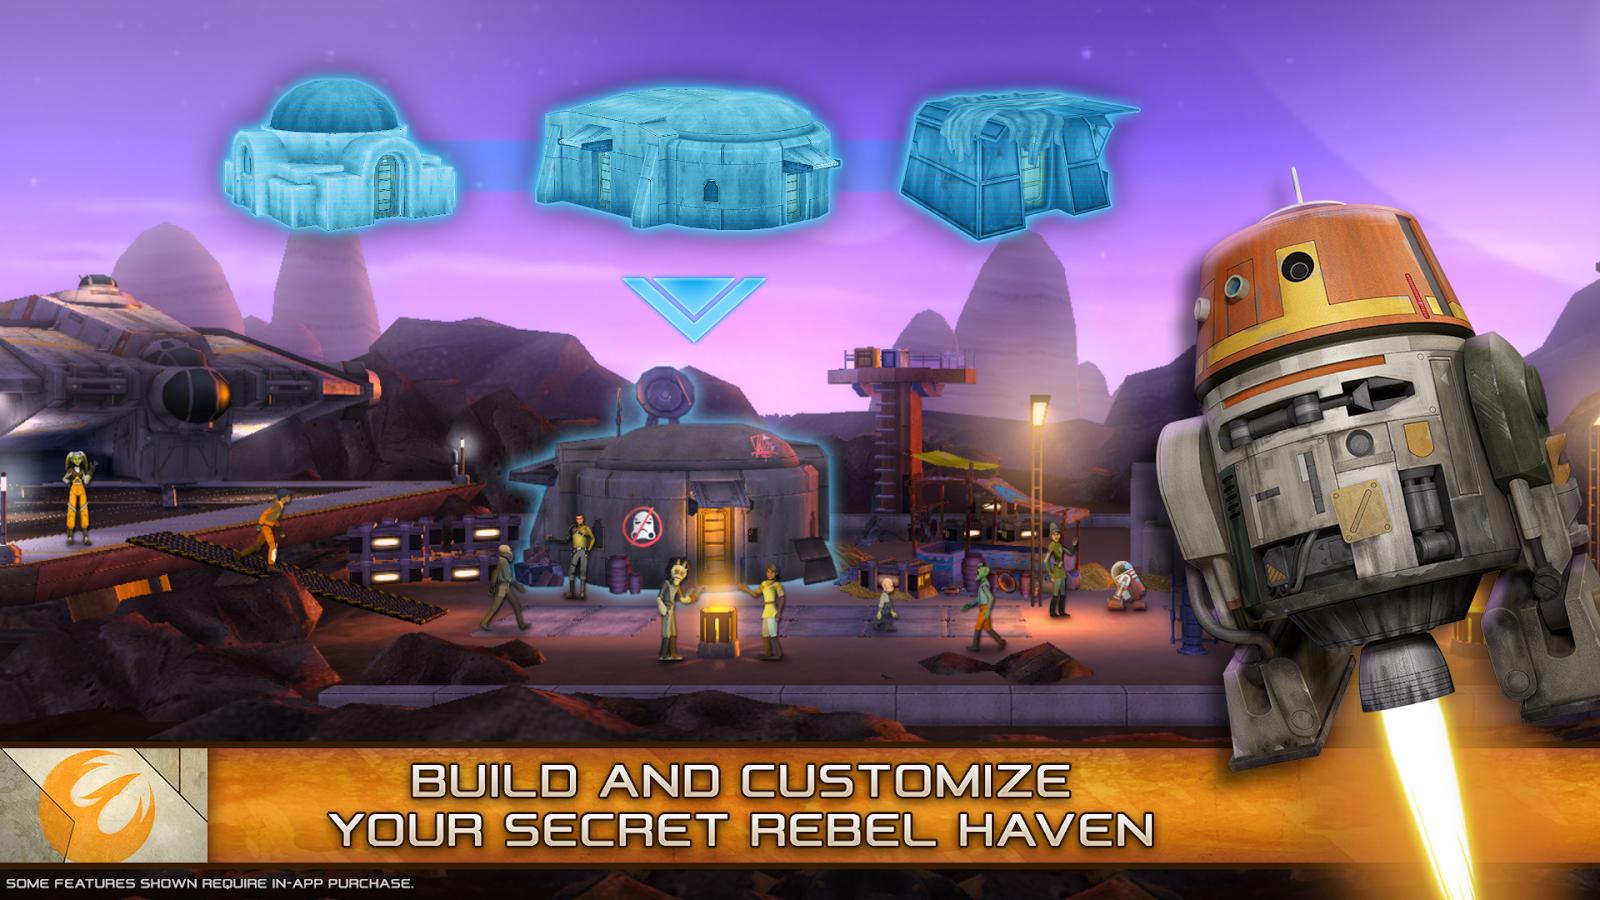 Star wars rebels recon app gallery 3 talkandroid com